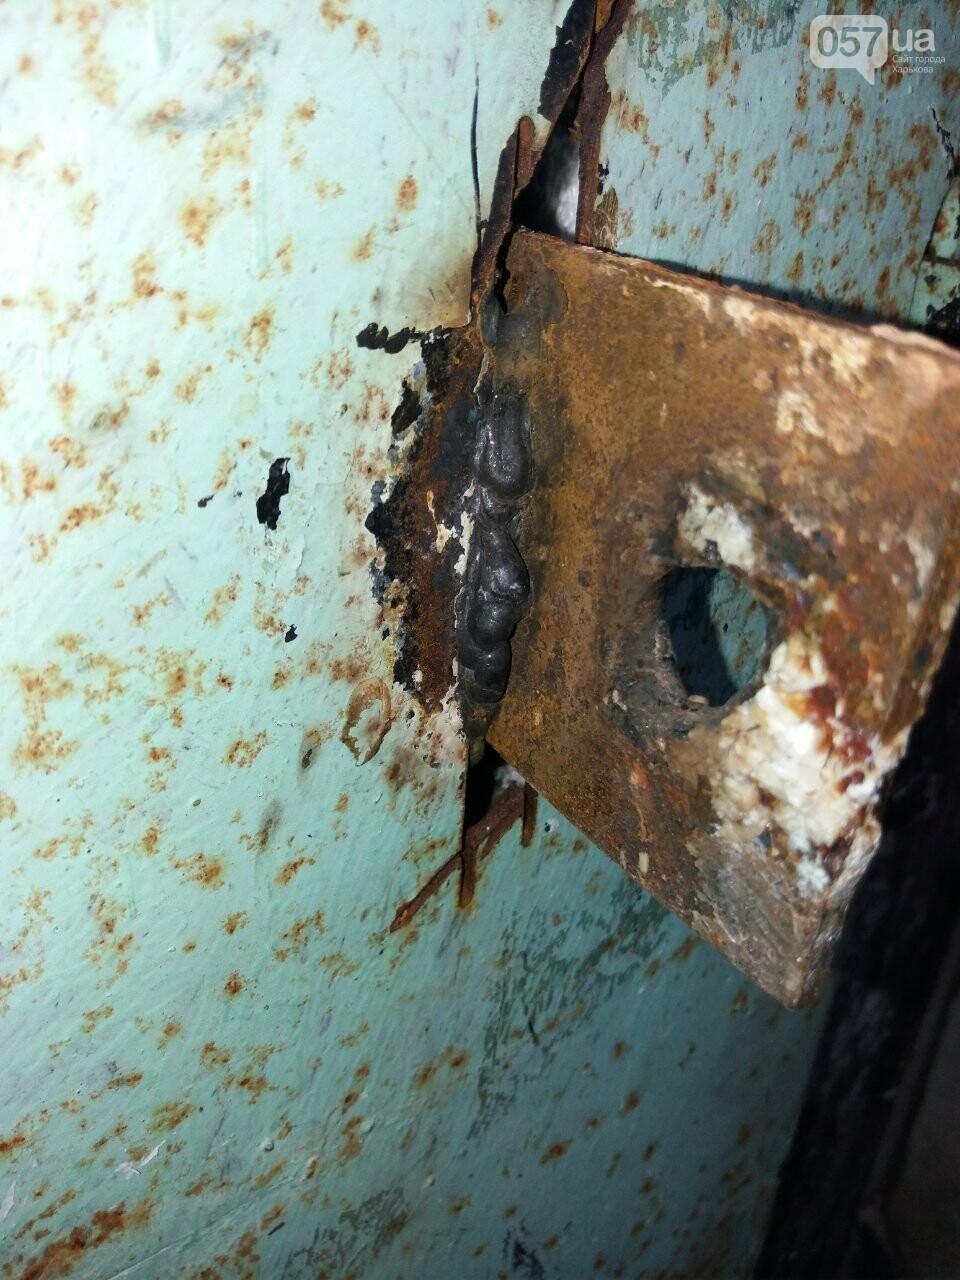 Заварили замок и замазали дверь: конфликт из-за подвала дома на Салтовке продолжается, - ФОТО, фото-4